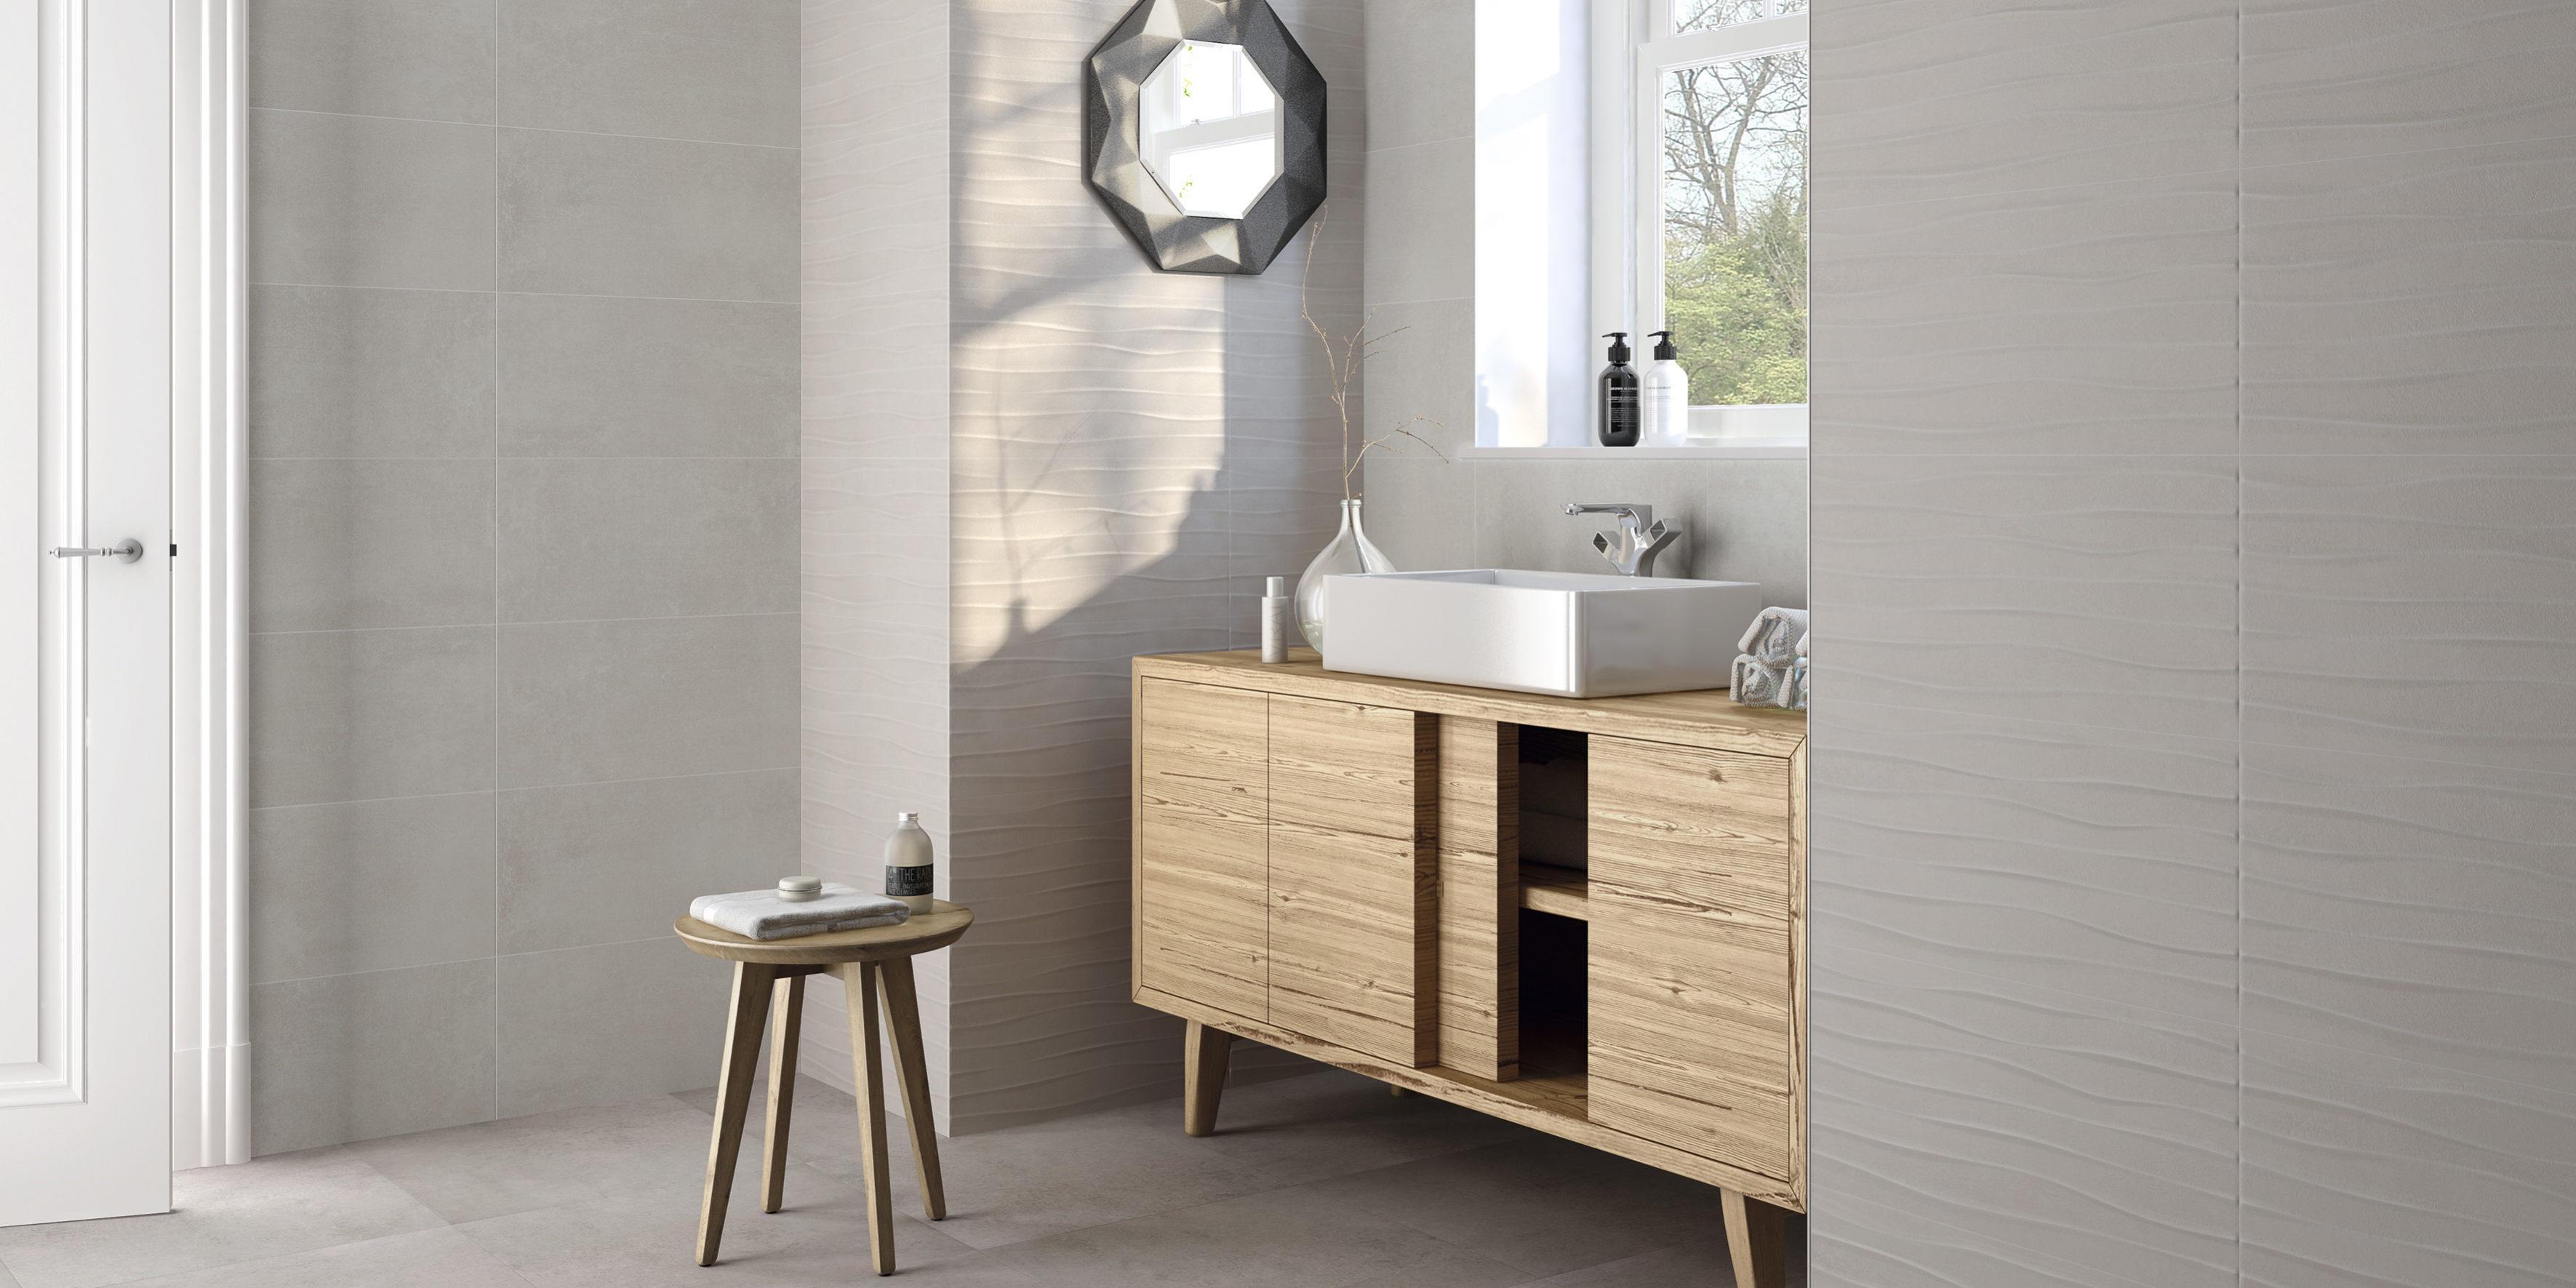 Te ayudamos a elegir los azulejos del cuarto de baño - Pepe Matega